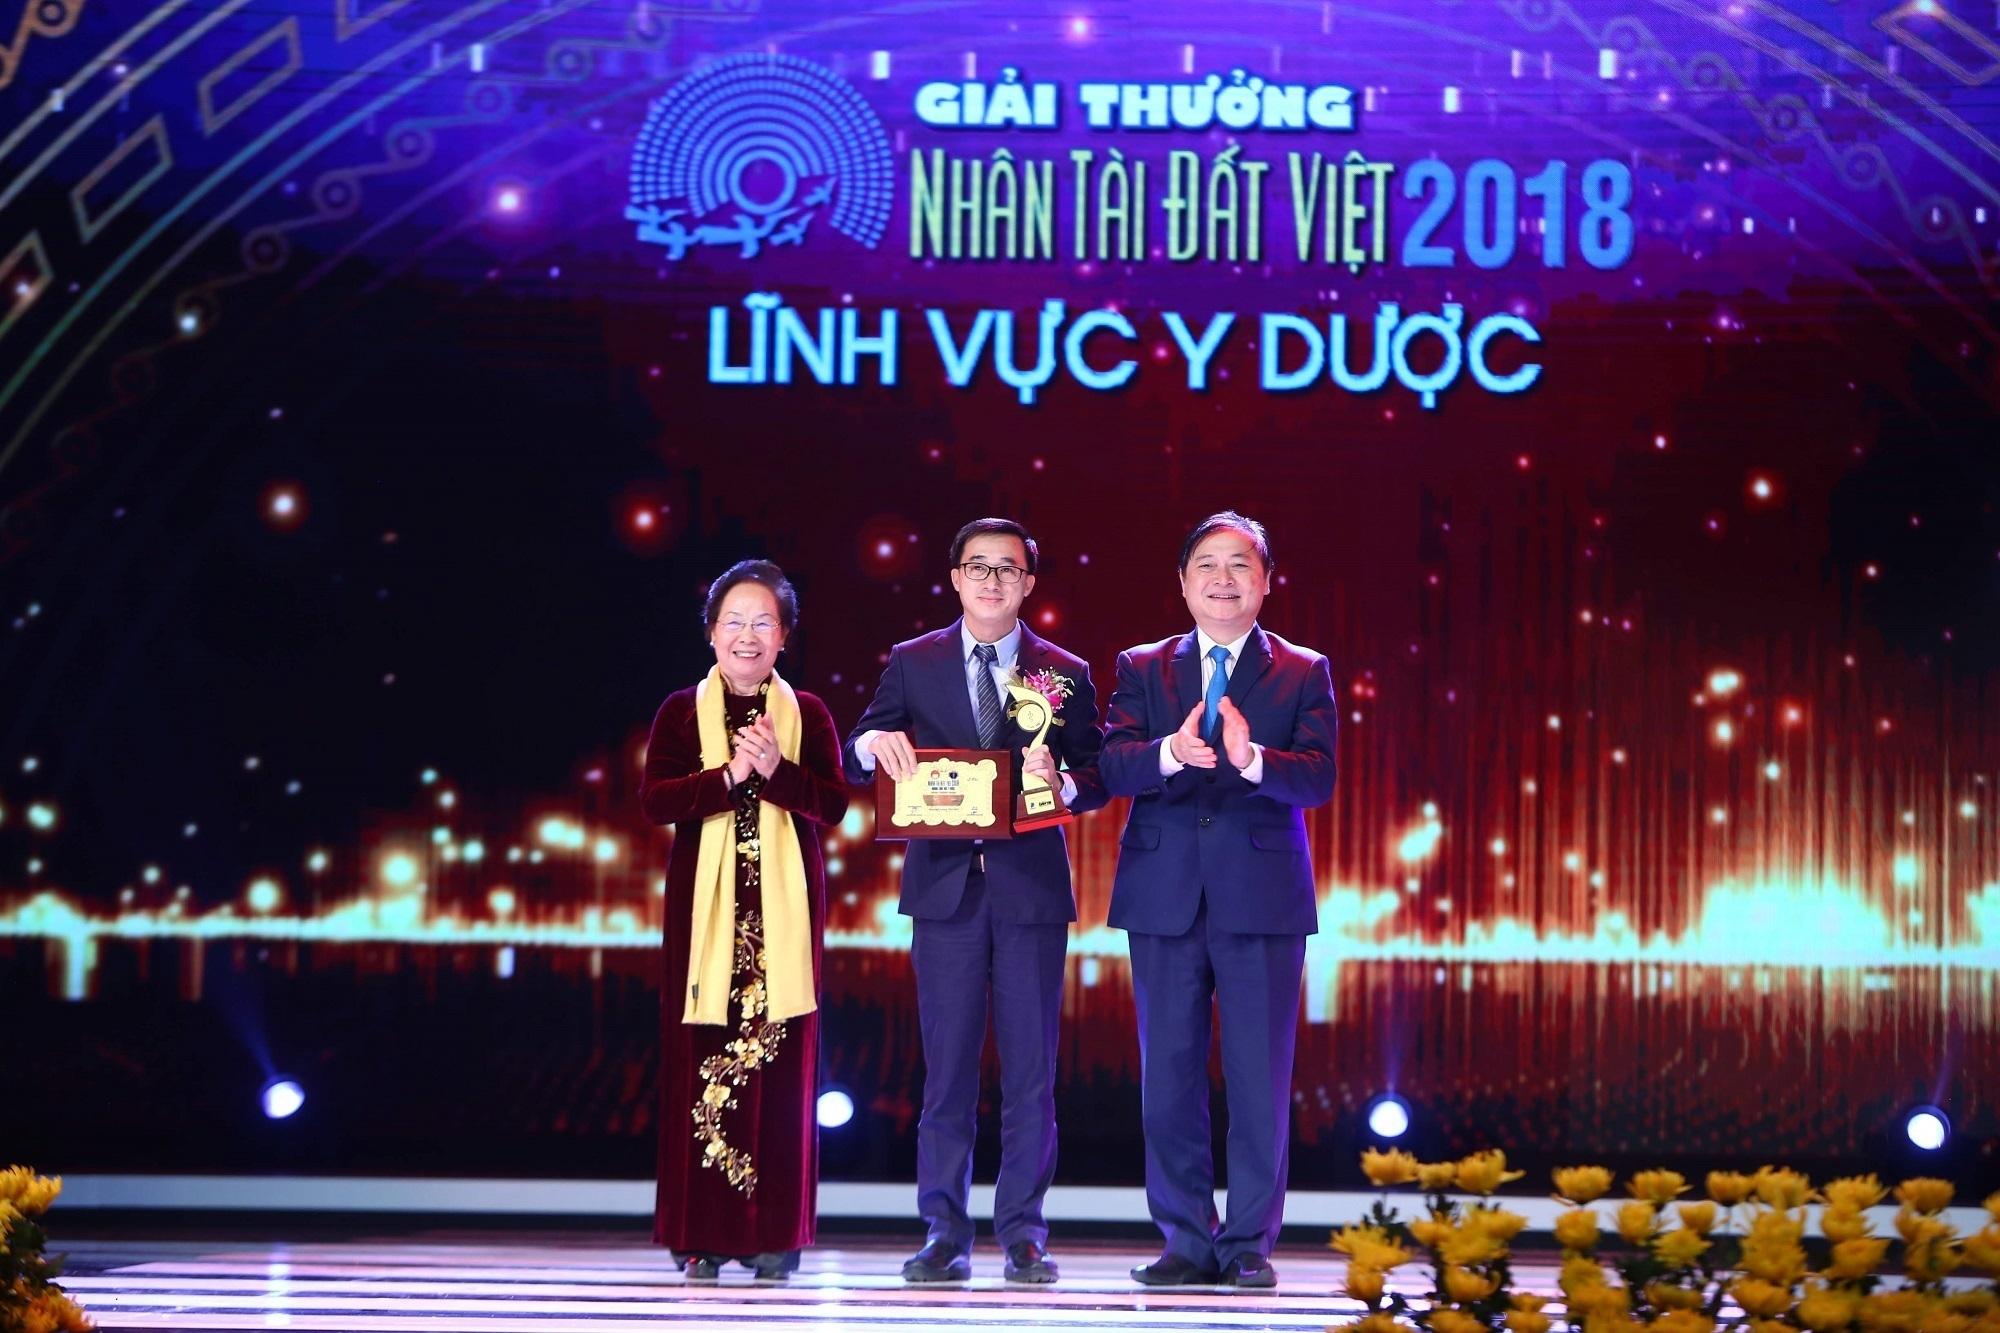 Giải thưởng Nhân tài Đất Việt luôn mở rộng cơ hội với mọi đối tượng trong xã hội - 1